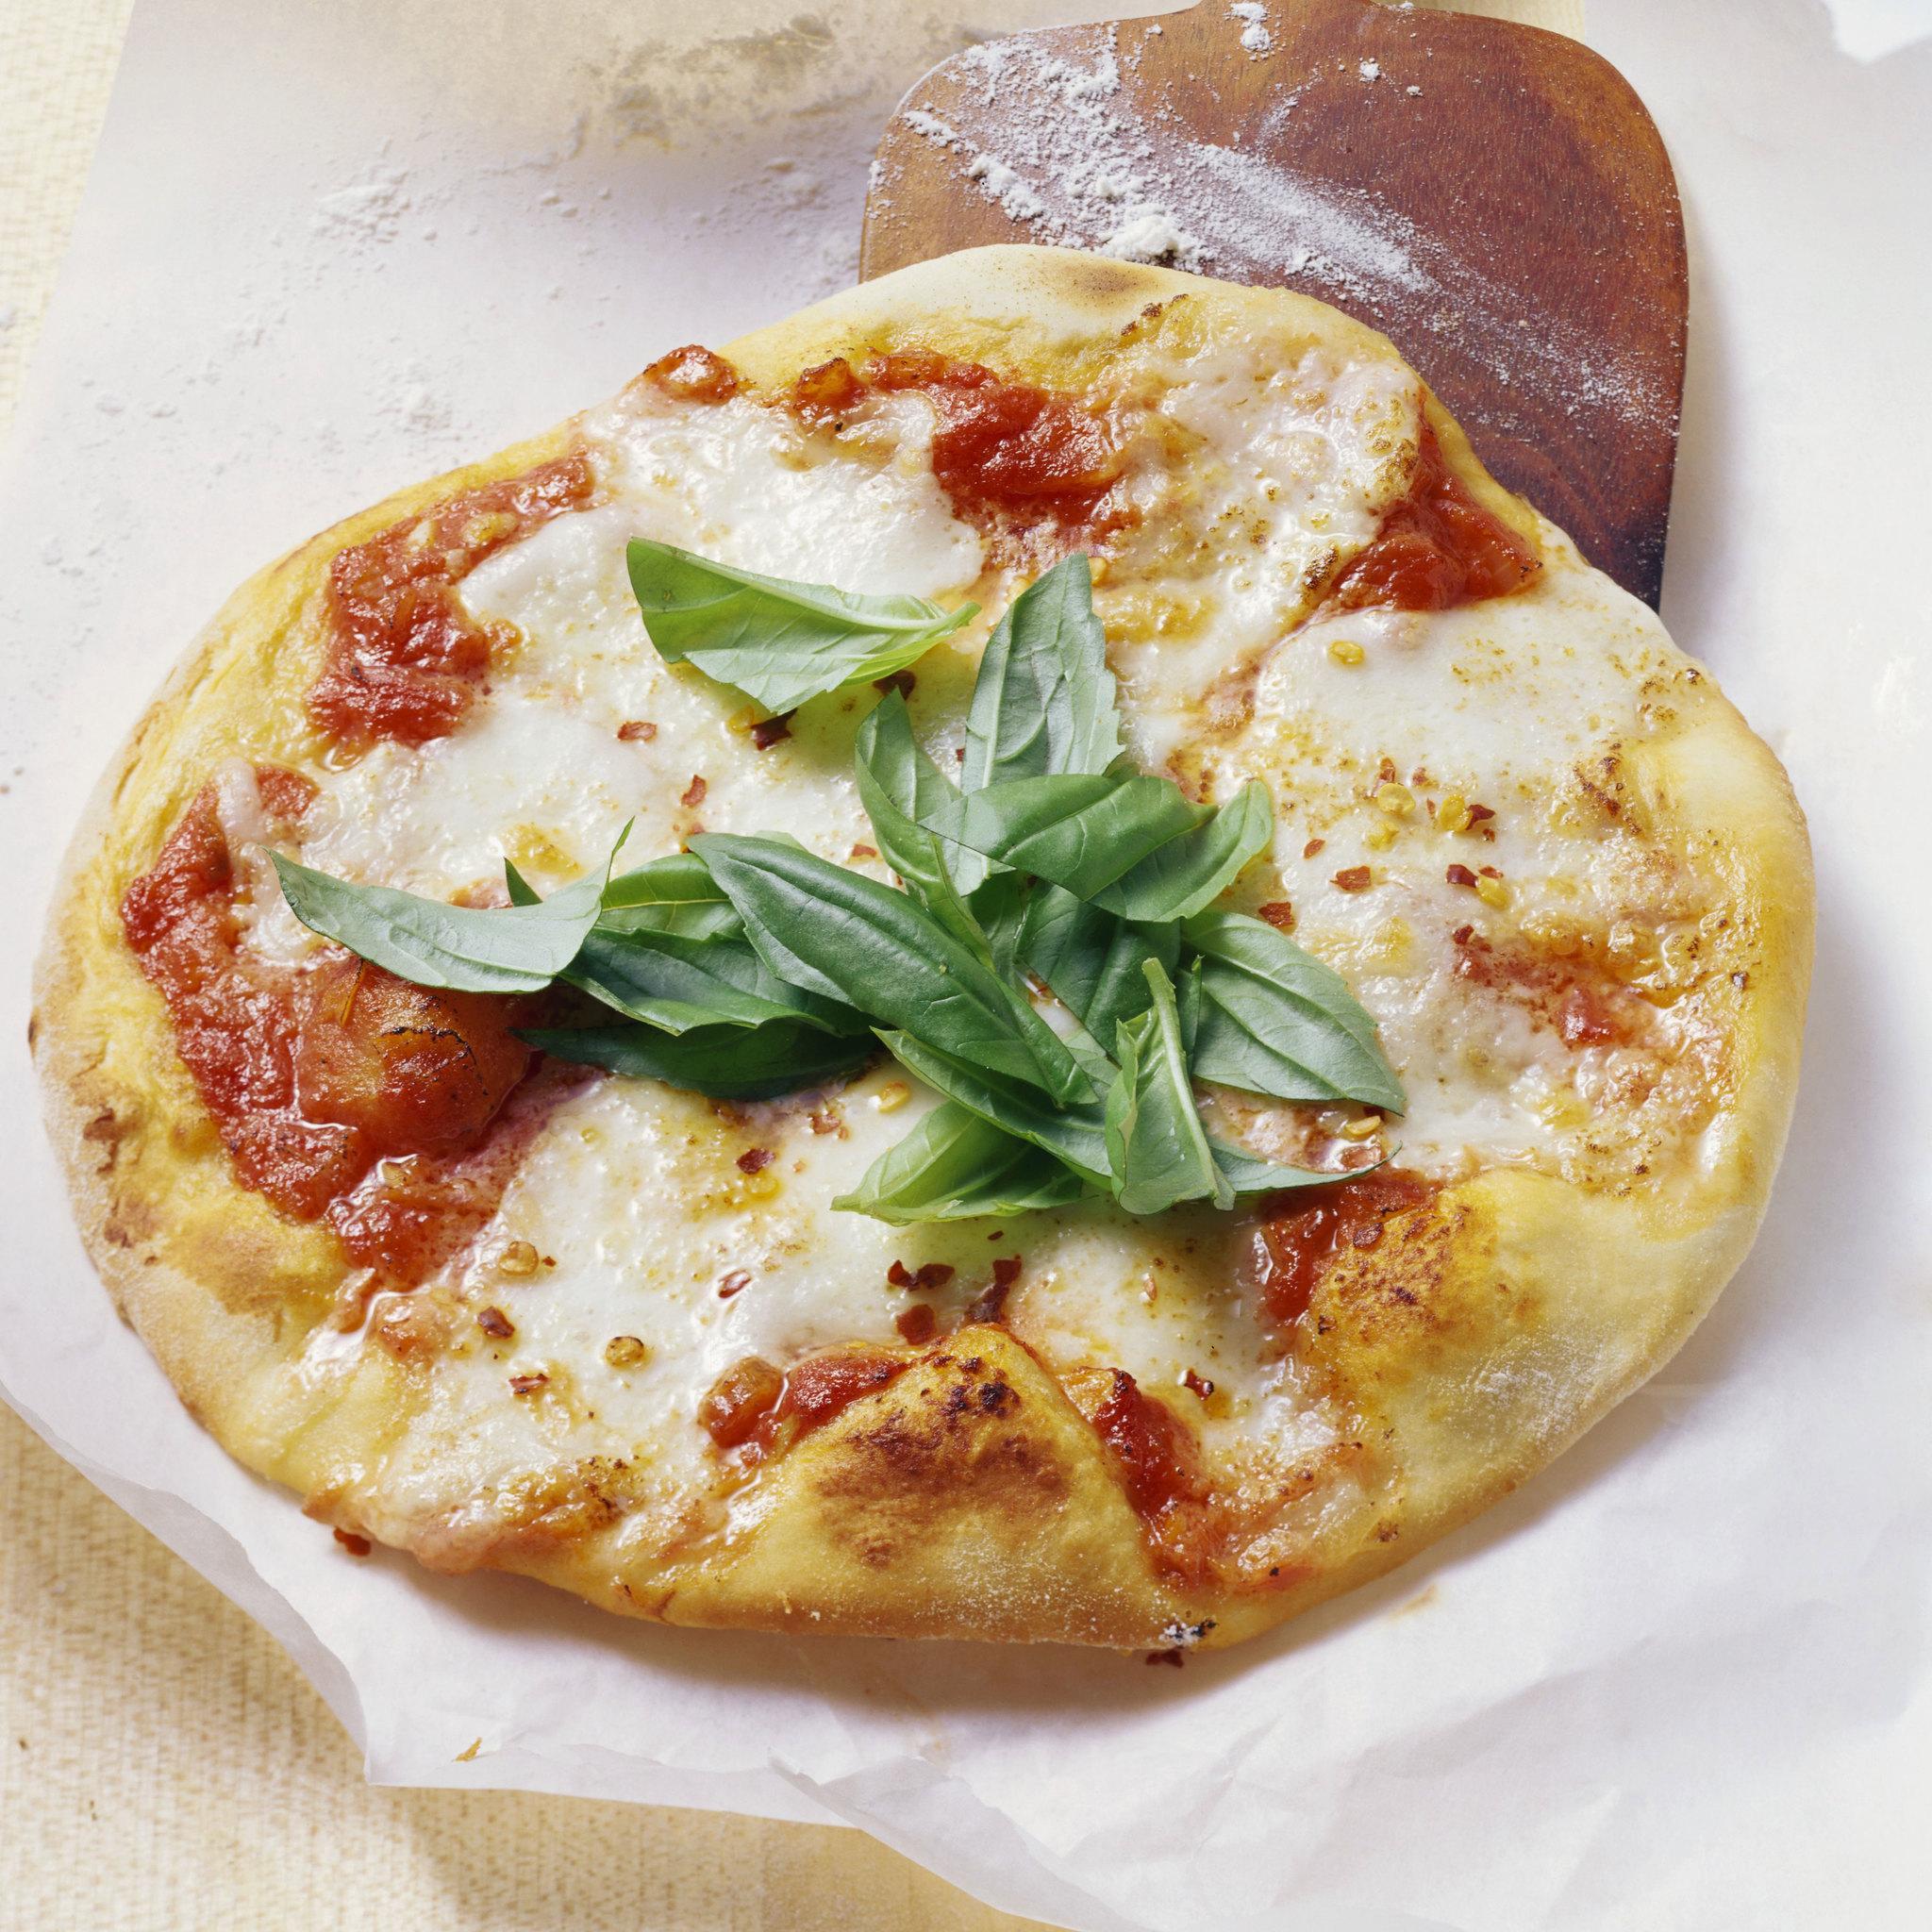 Pizza de verduras.